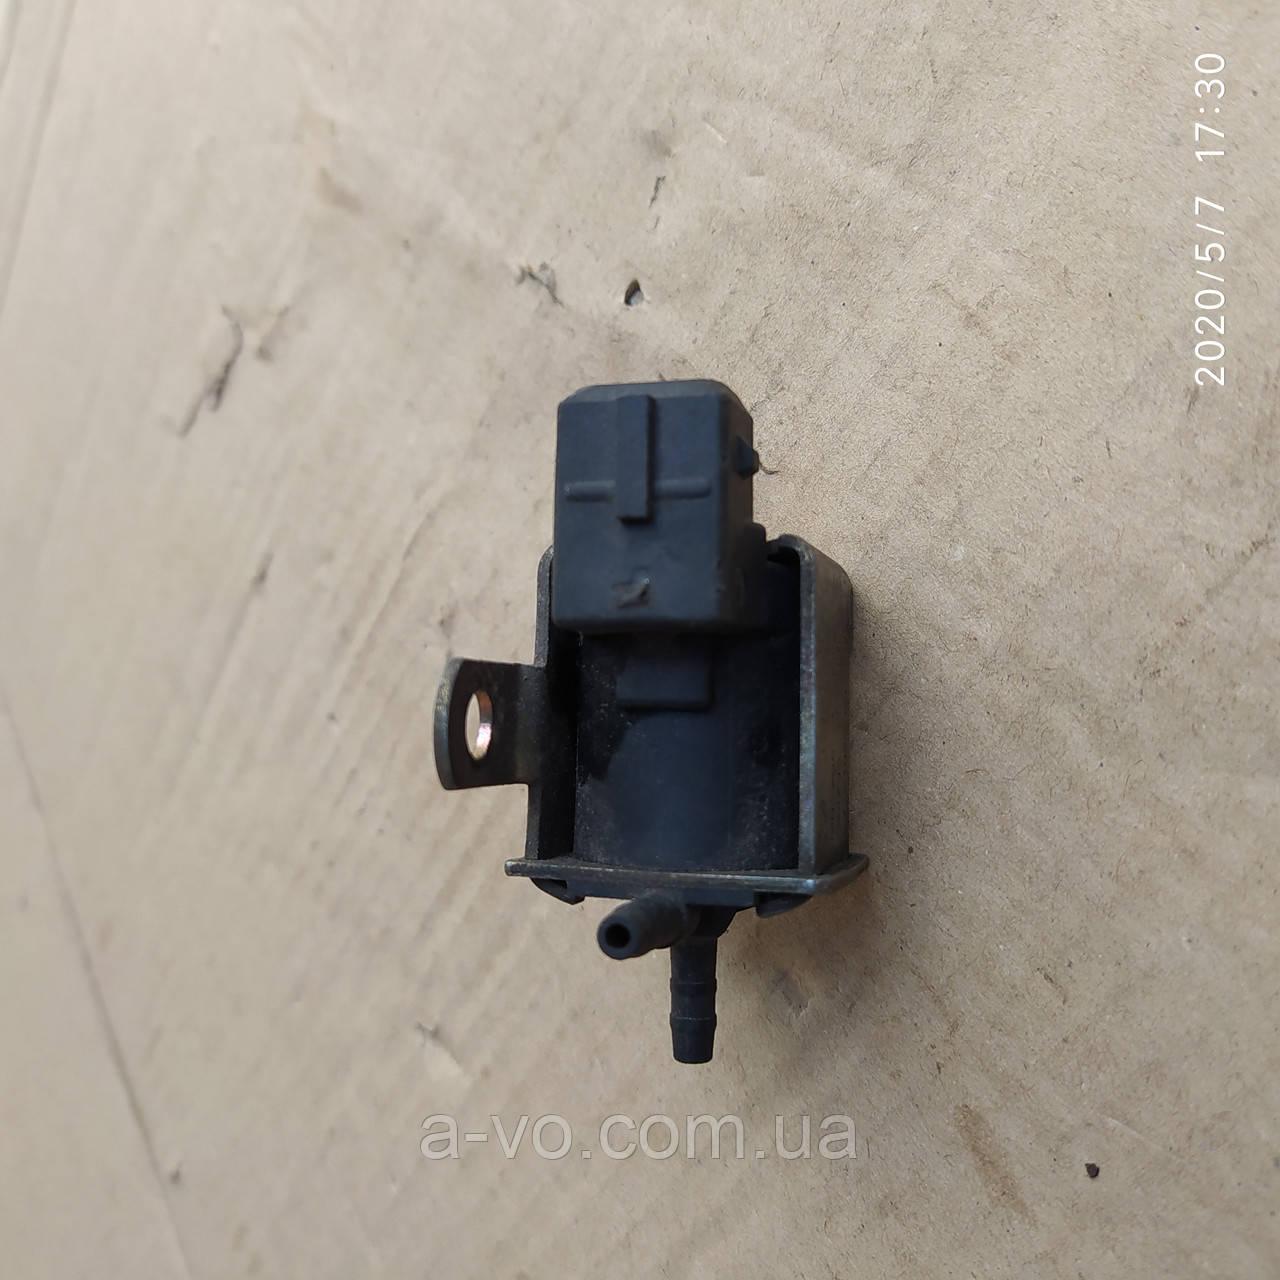 Клапан управління турбіною Audi A4 B6 VW Golf 3 Passat B5 028906283F